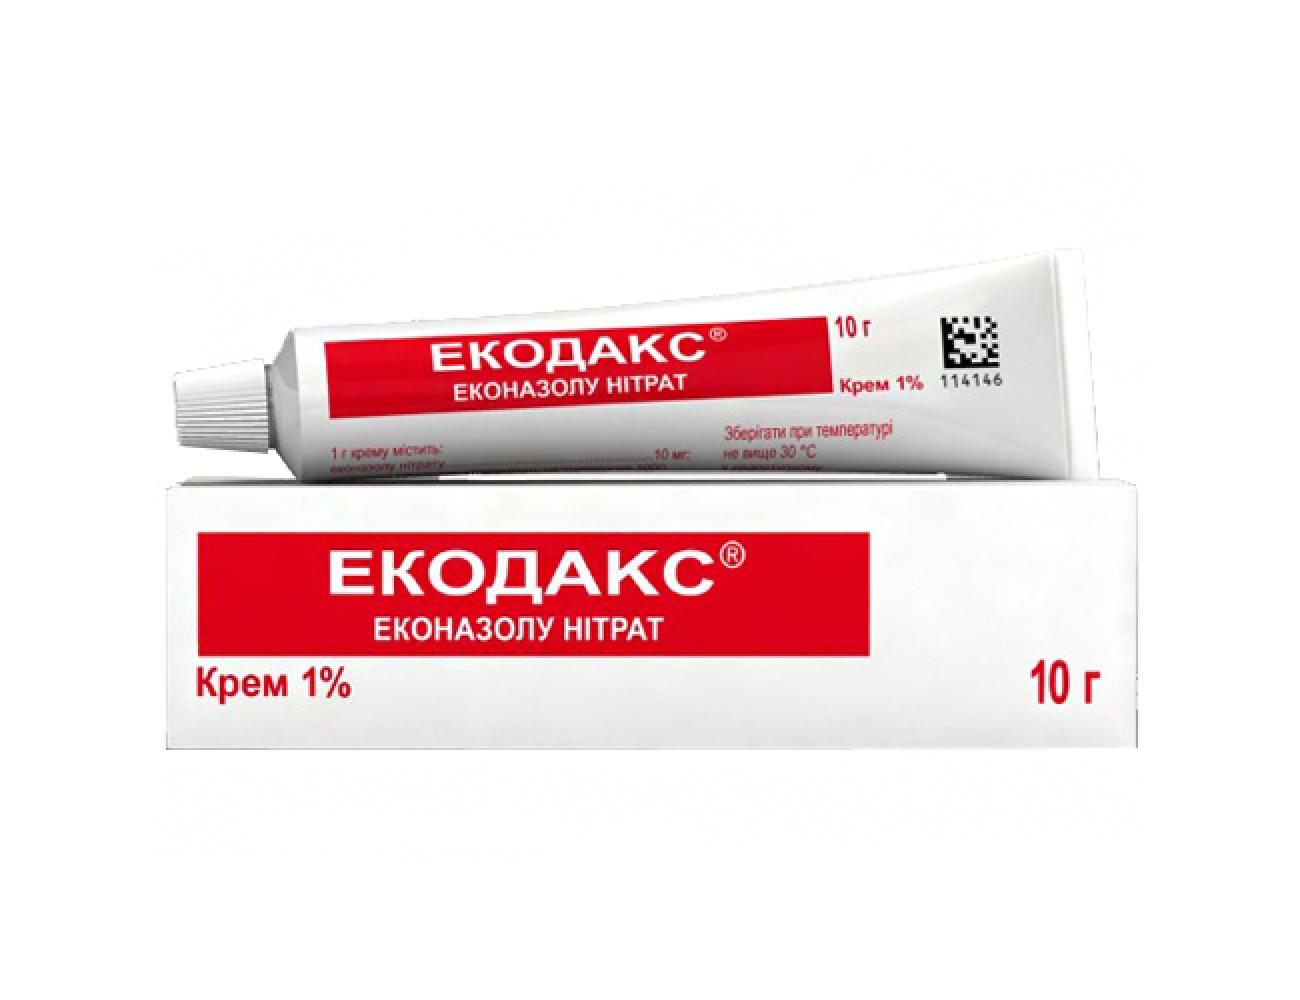 Экодакс крем инструкция по применению